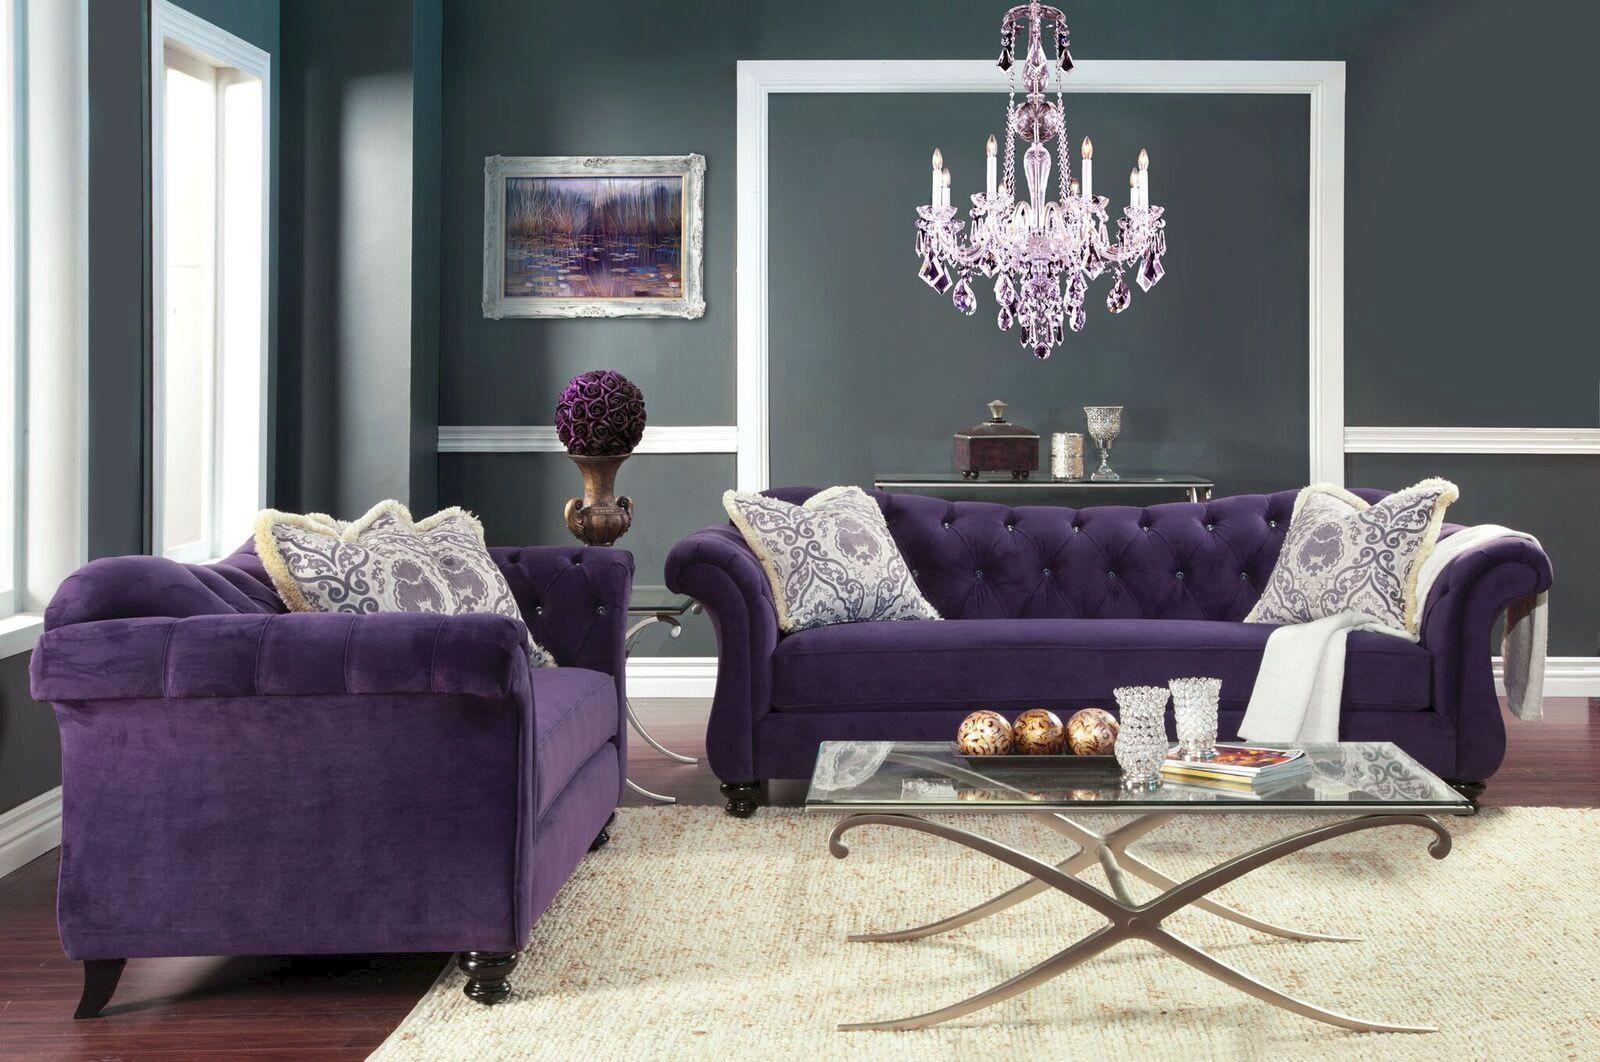 Maliah Plush Velvet Tufted Light Purple Living Room Set Living Room Sets Furniture Purple Living Room Sofa And Loveseat Set #velvet #tufted #living #room #set